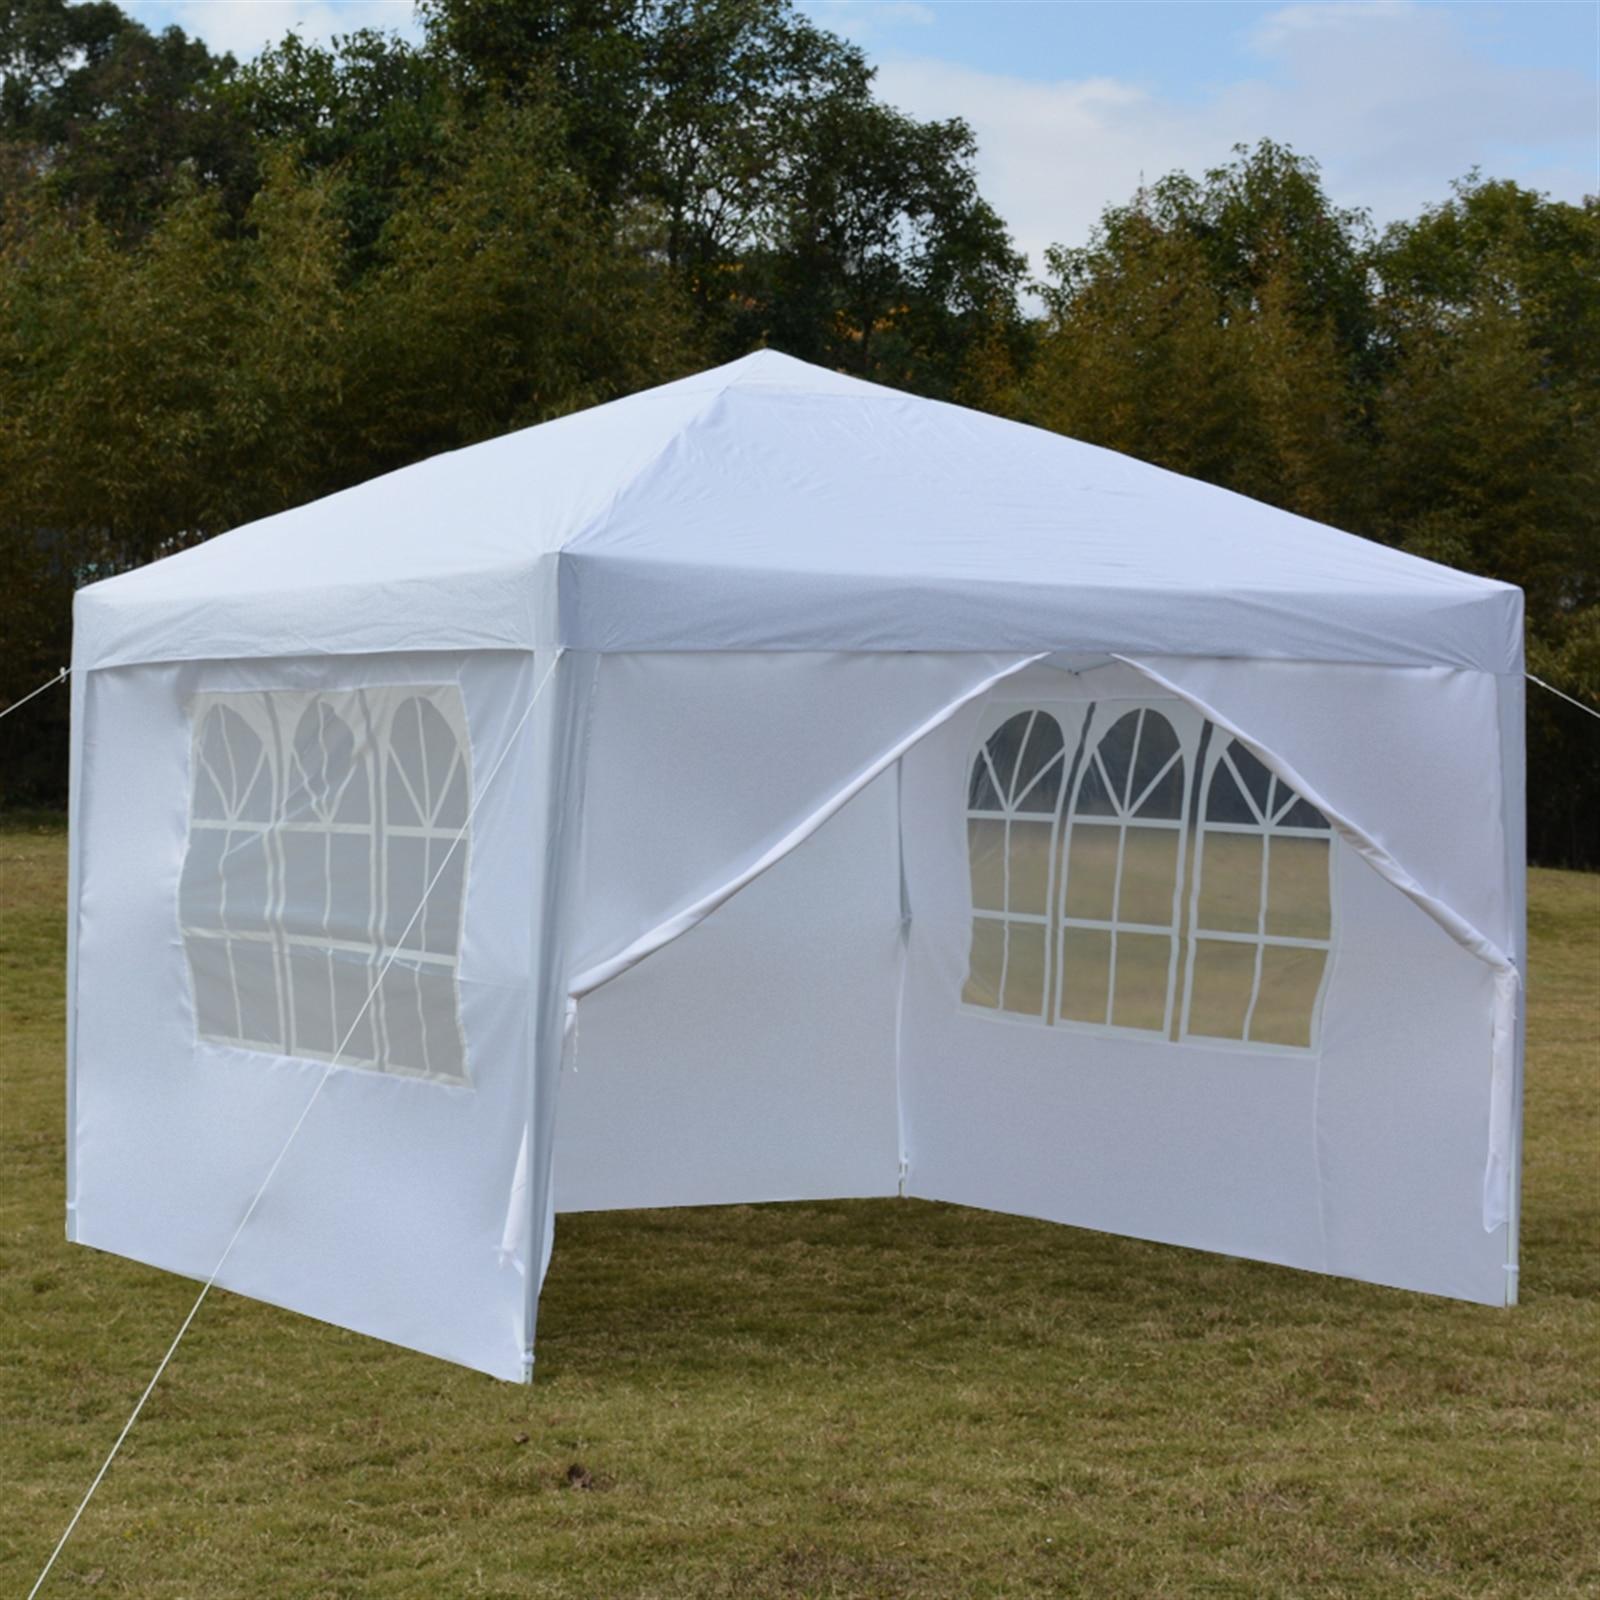 3x3 متر بابين اثنين من النوافذ العملي مقاوم للماء الزاوية اليمنى خيمة قابلة للطي لحفل زفاف التخييم المنزلية وقوف السيارات تسليط